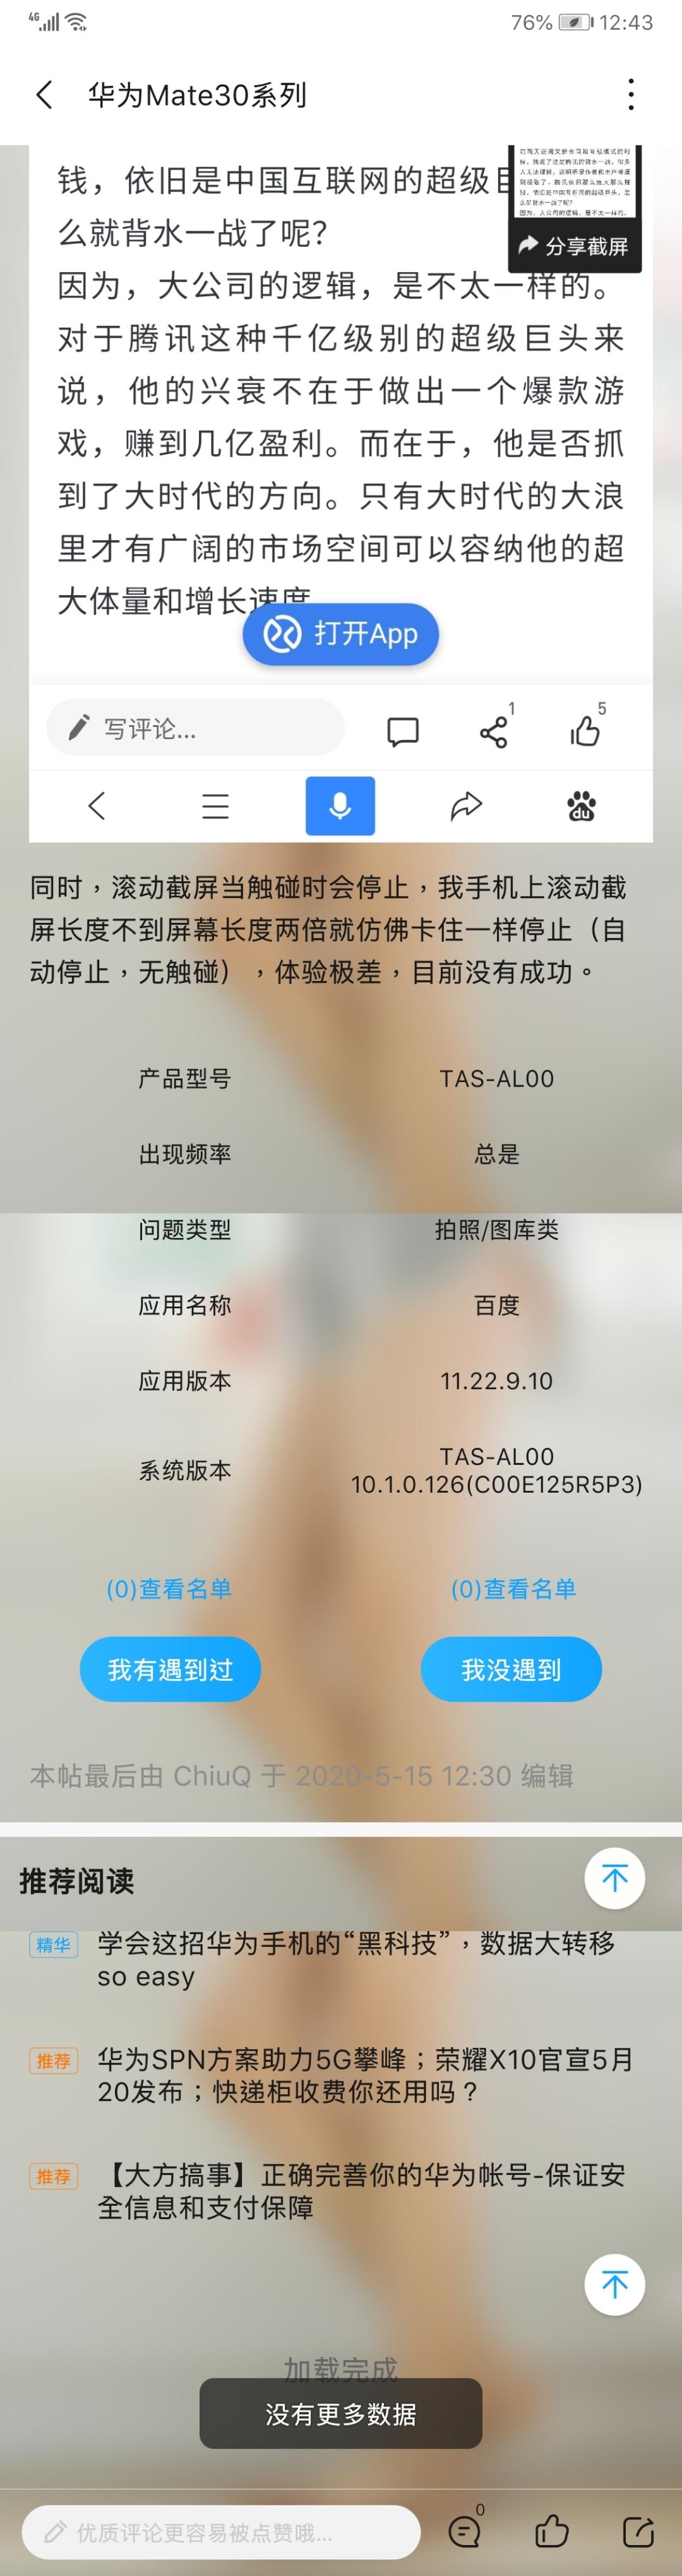 Screenshot_20200515_124317_com.huawei.fans.jpg